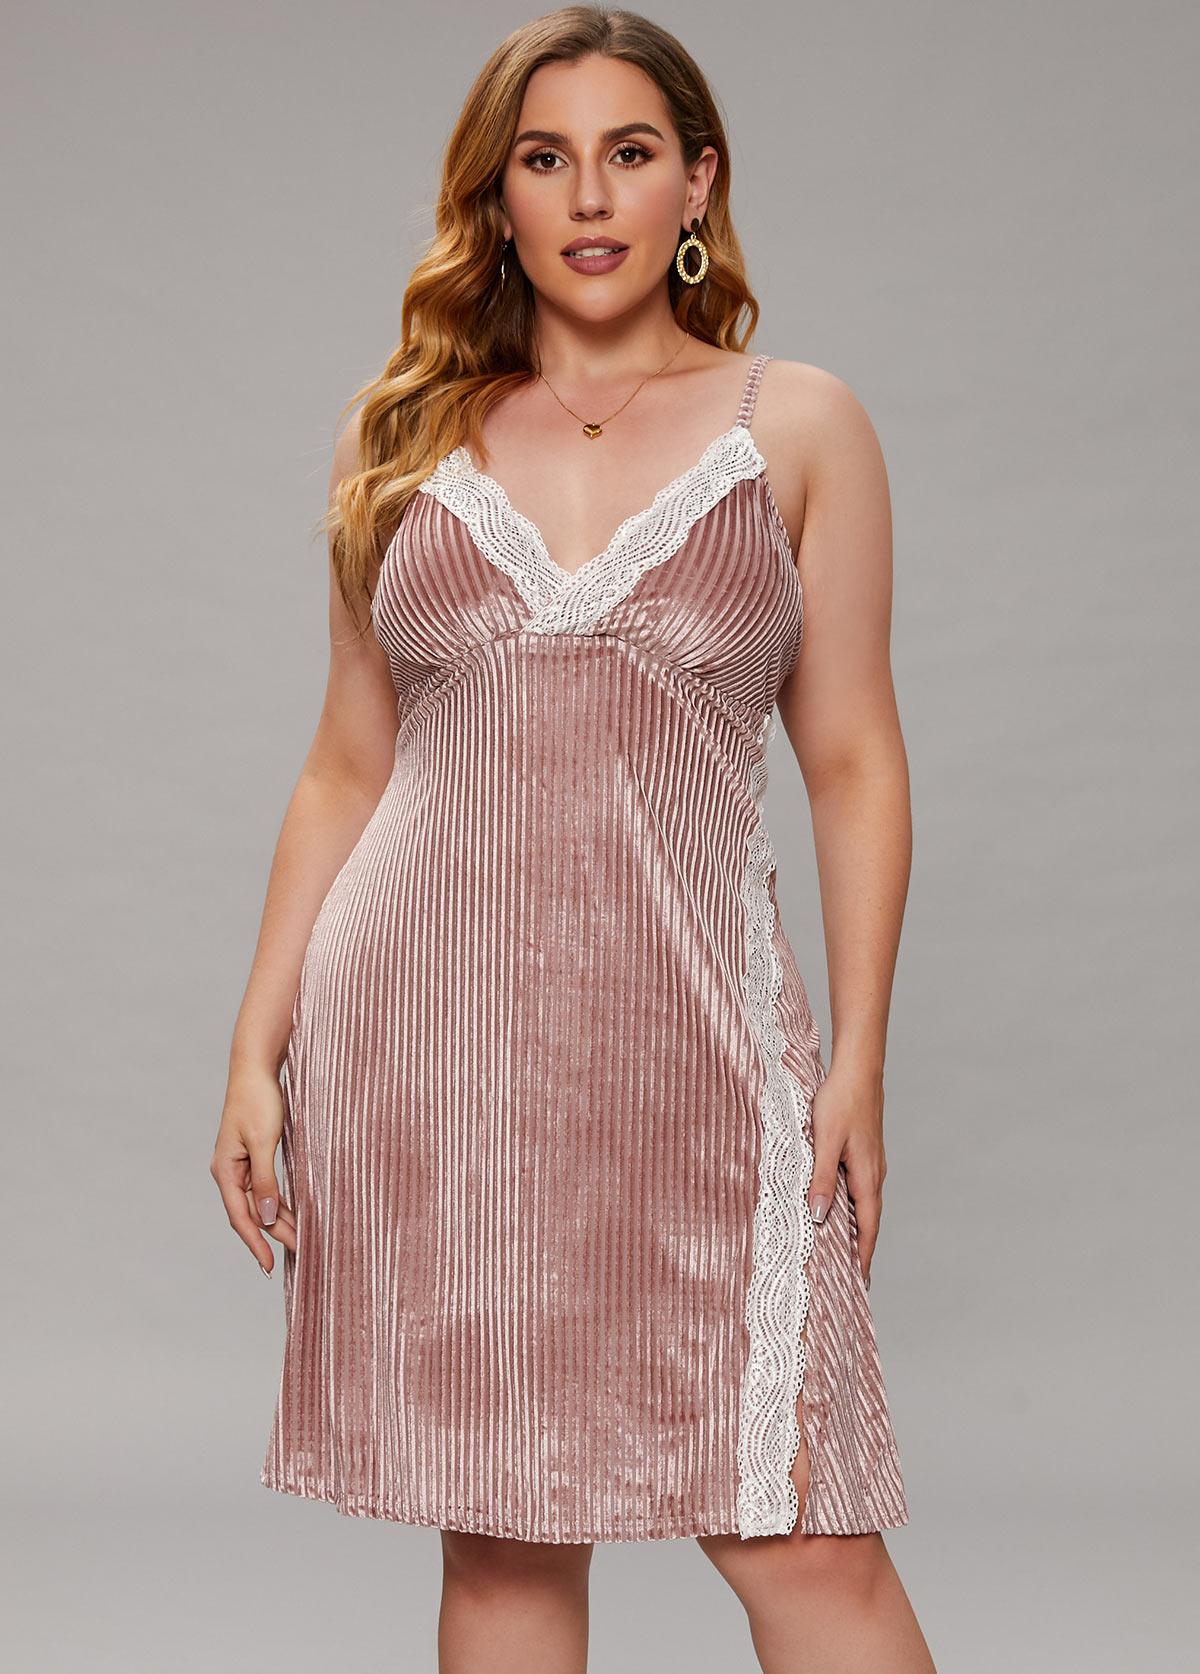 Plus Size Spaghetti Strap Lace Stitching Nightdress